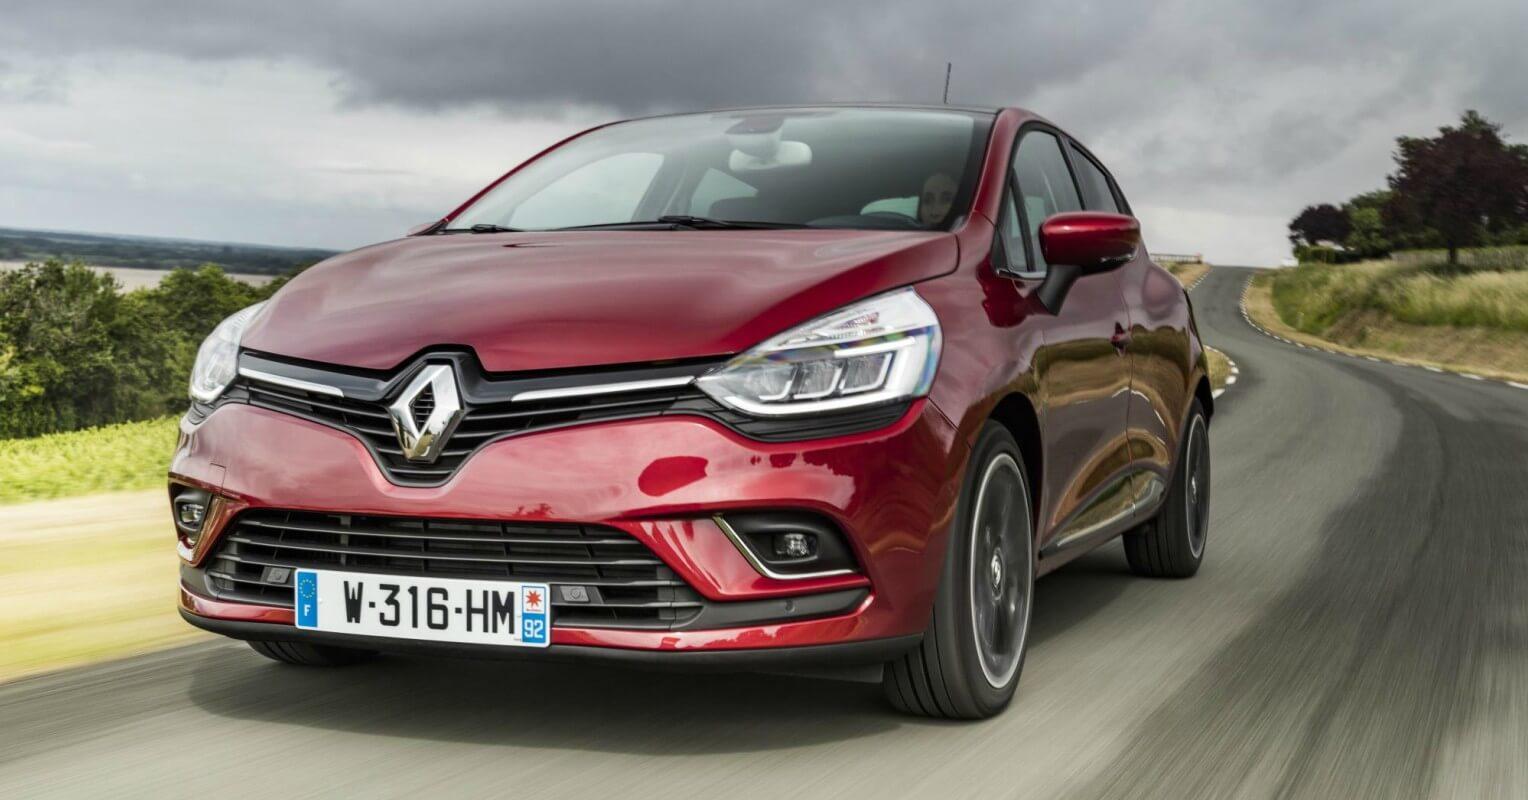 Renault Clio noviembre 2018